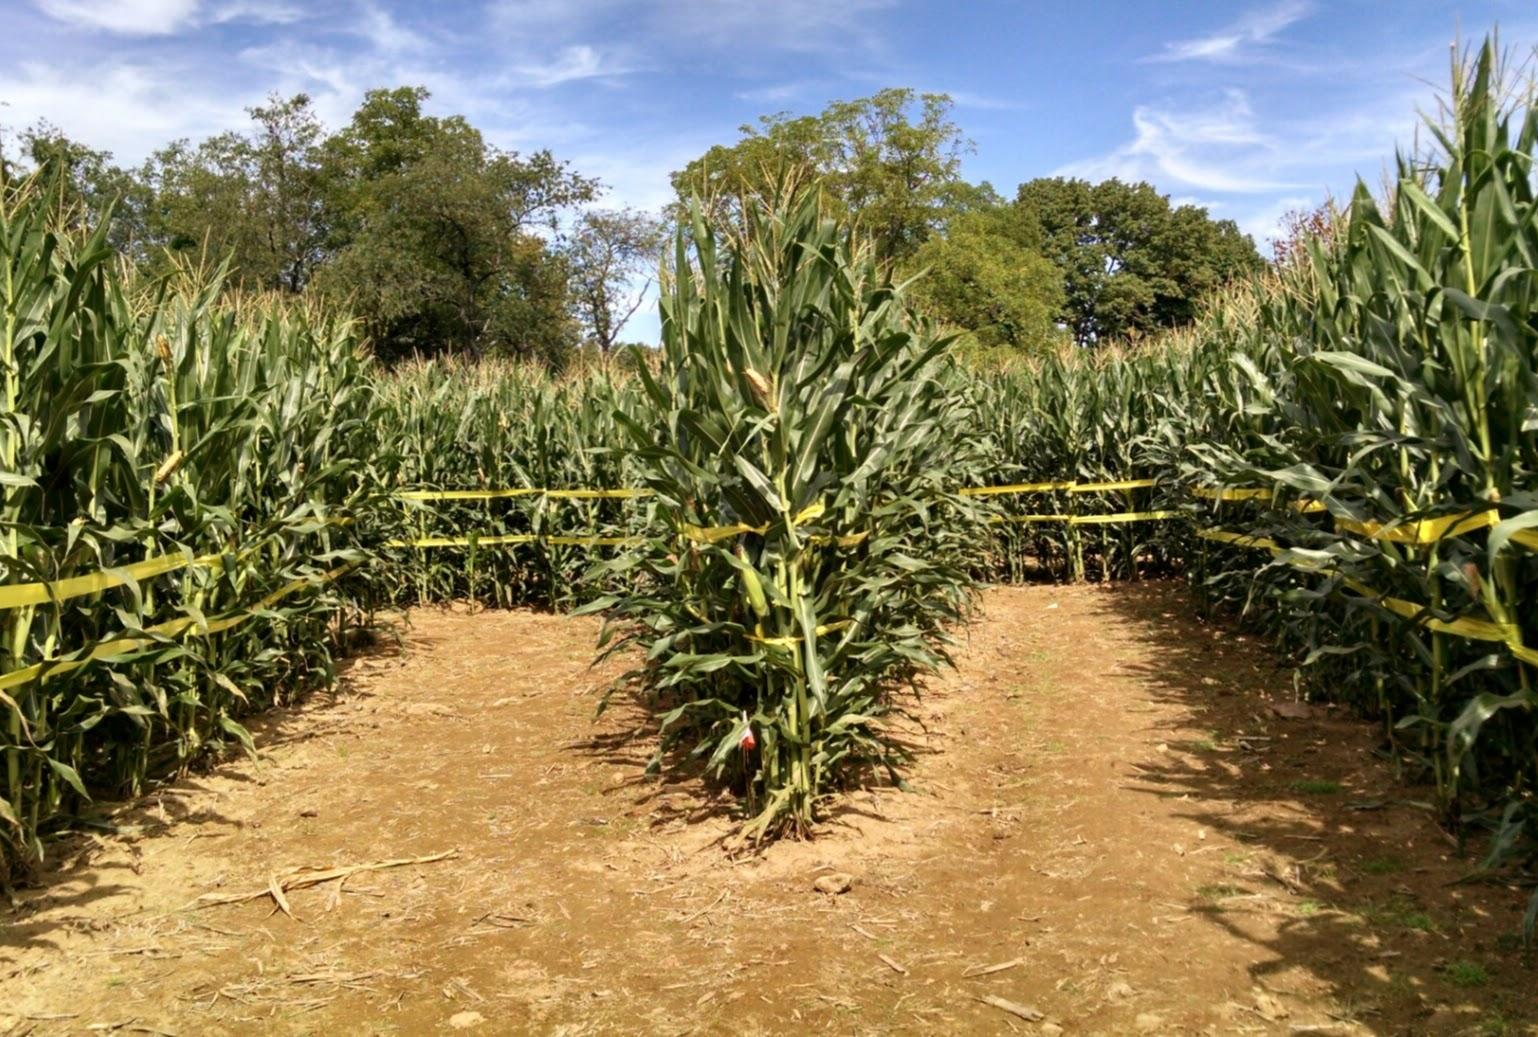 Кукурузный лабиринт, Честер, Нью-Джерси